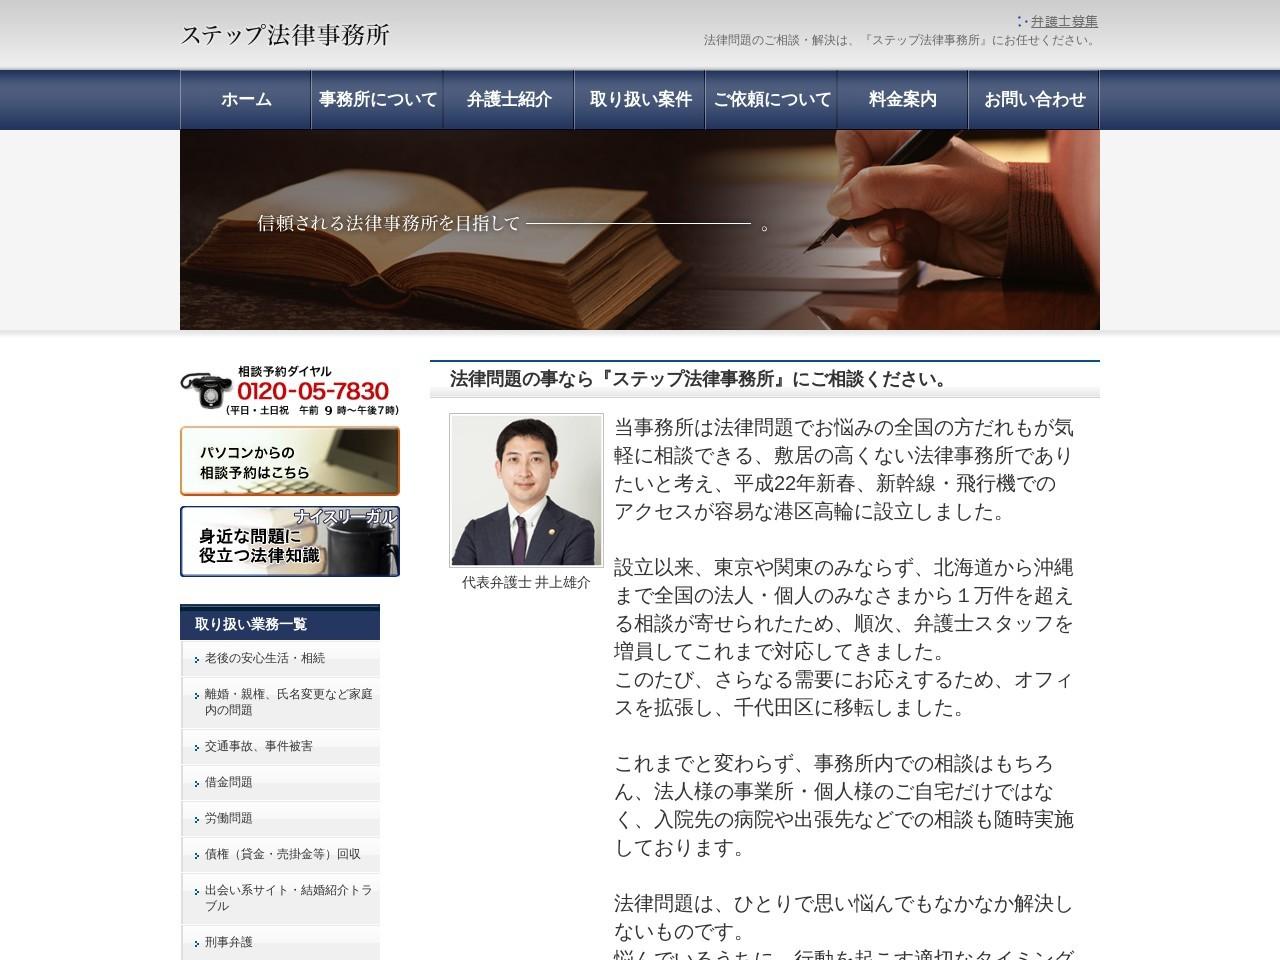 ステップ法律事務所